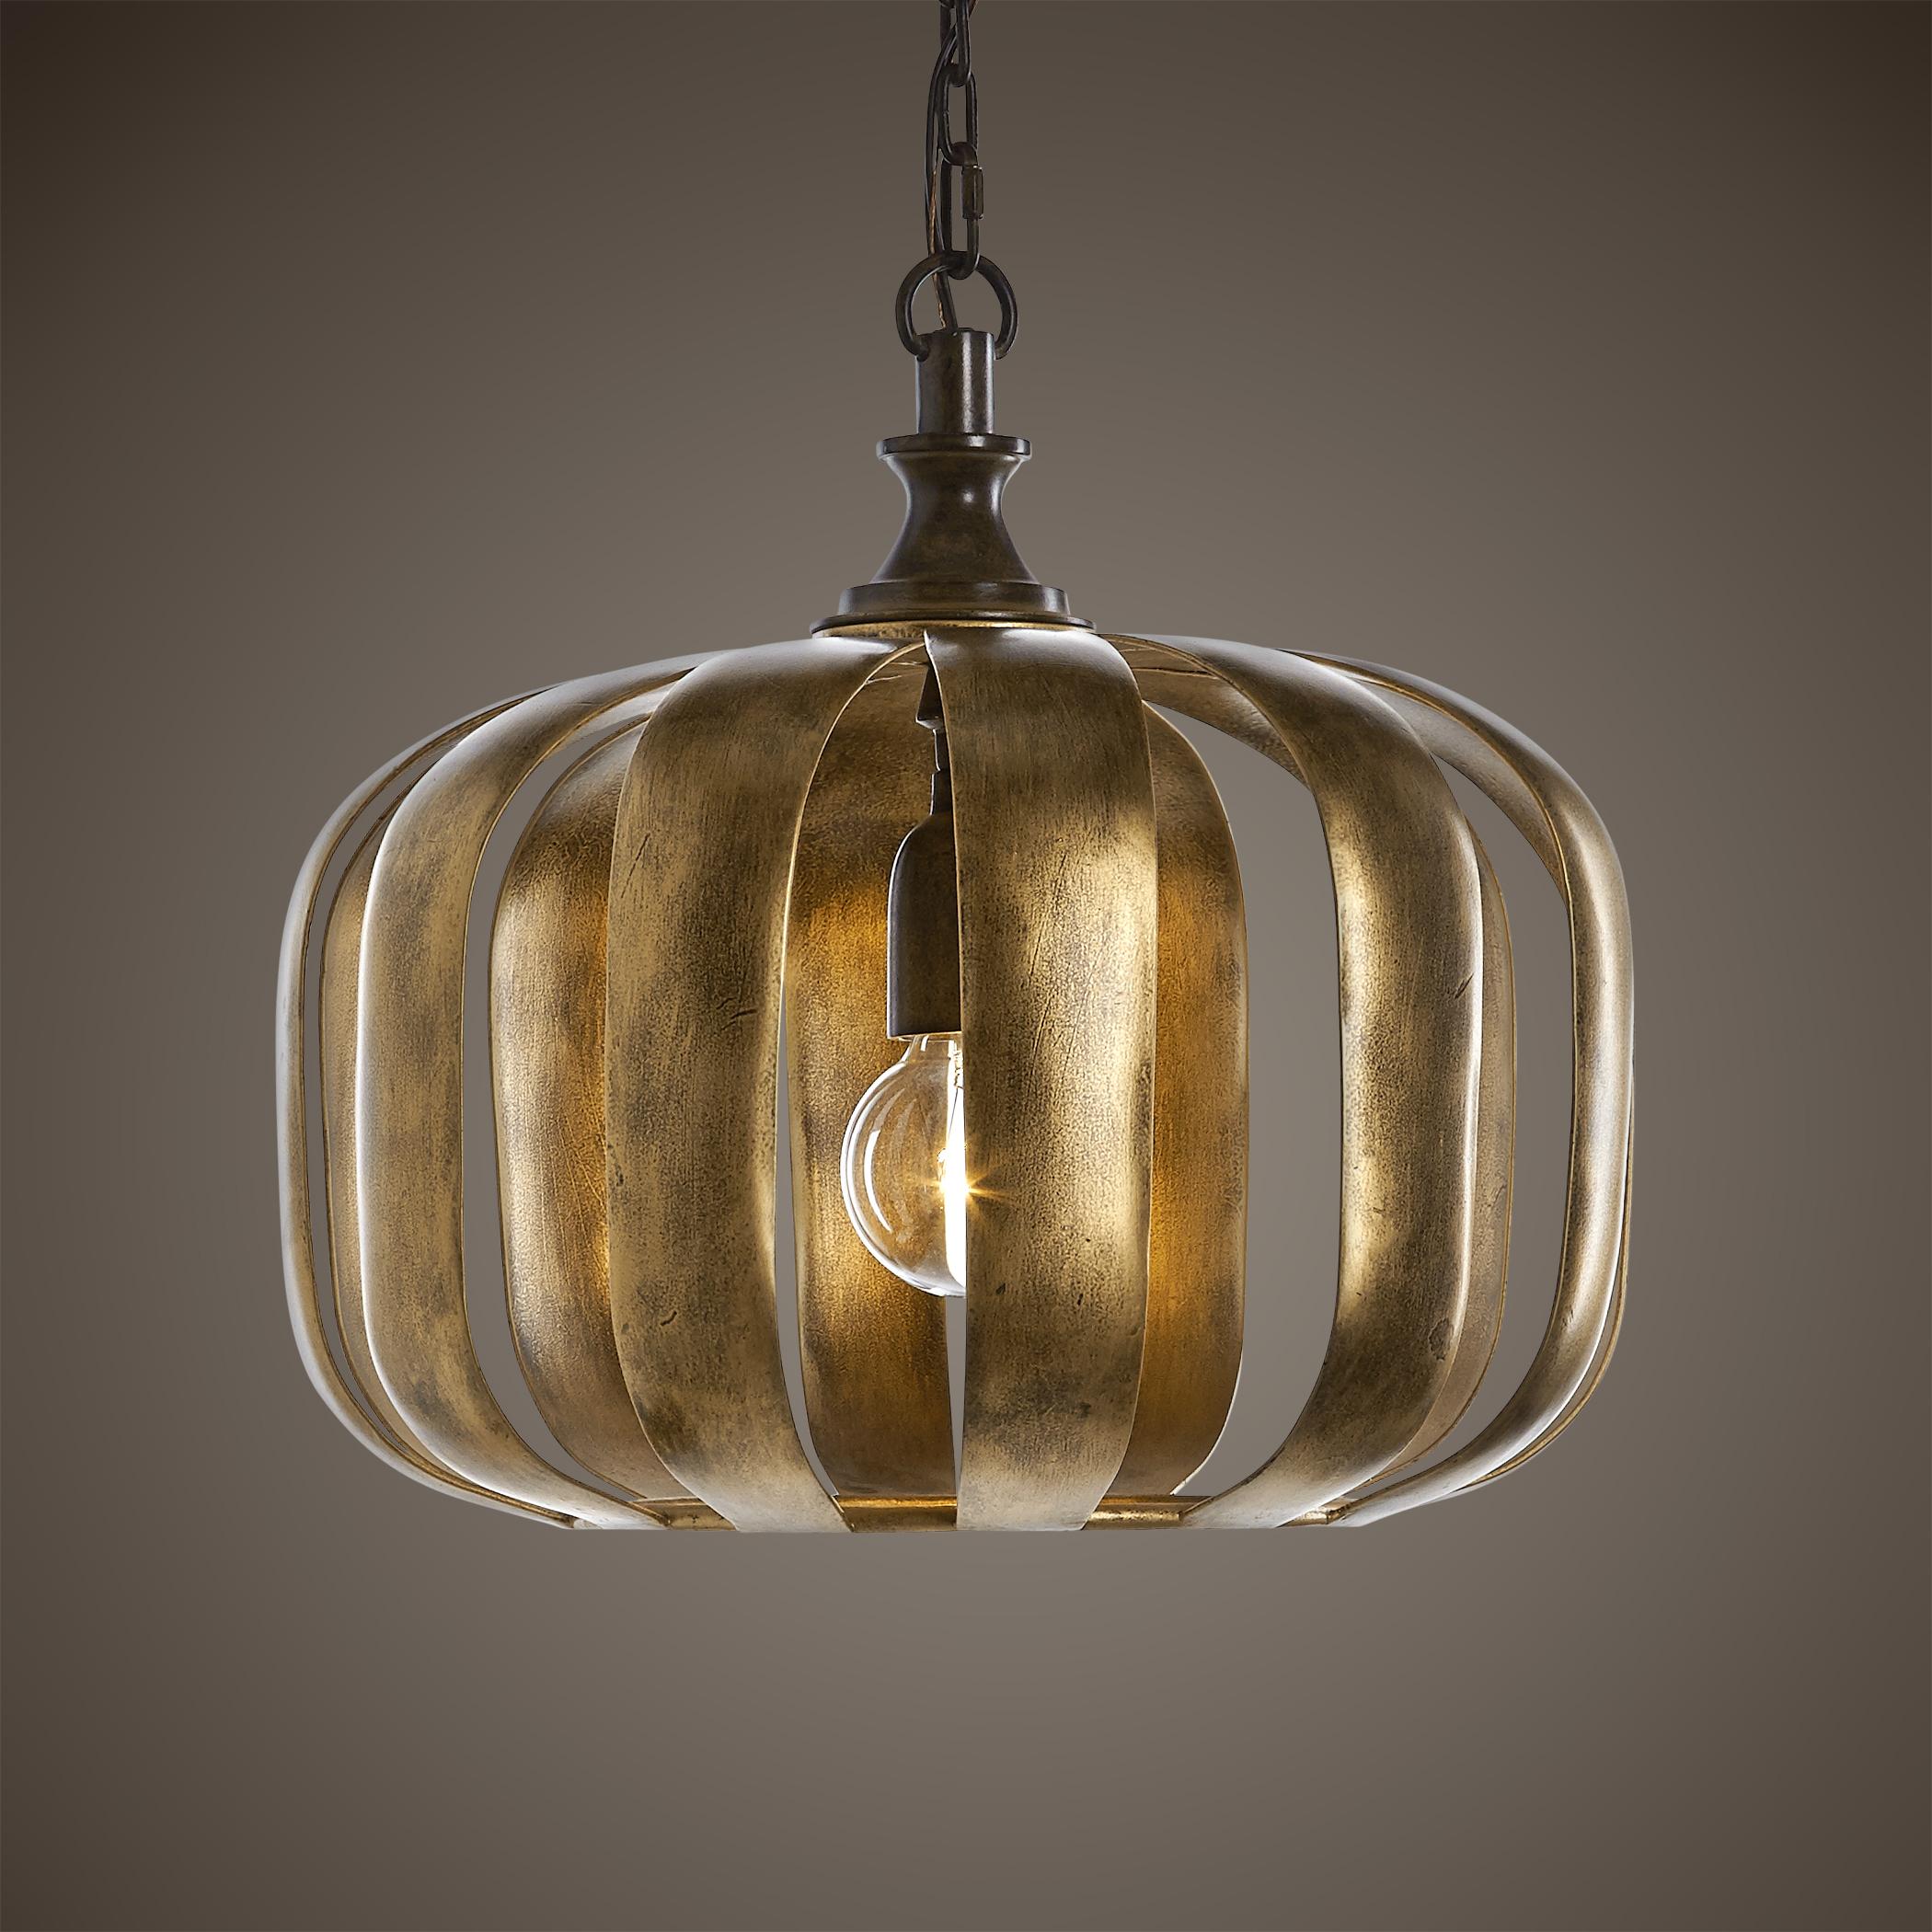 Uttermost Lighting Fixtures Zucca 1 Light Antique Gold